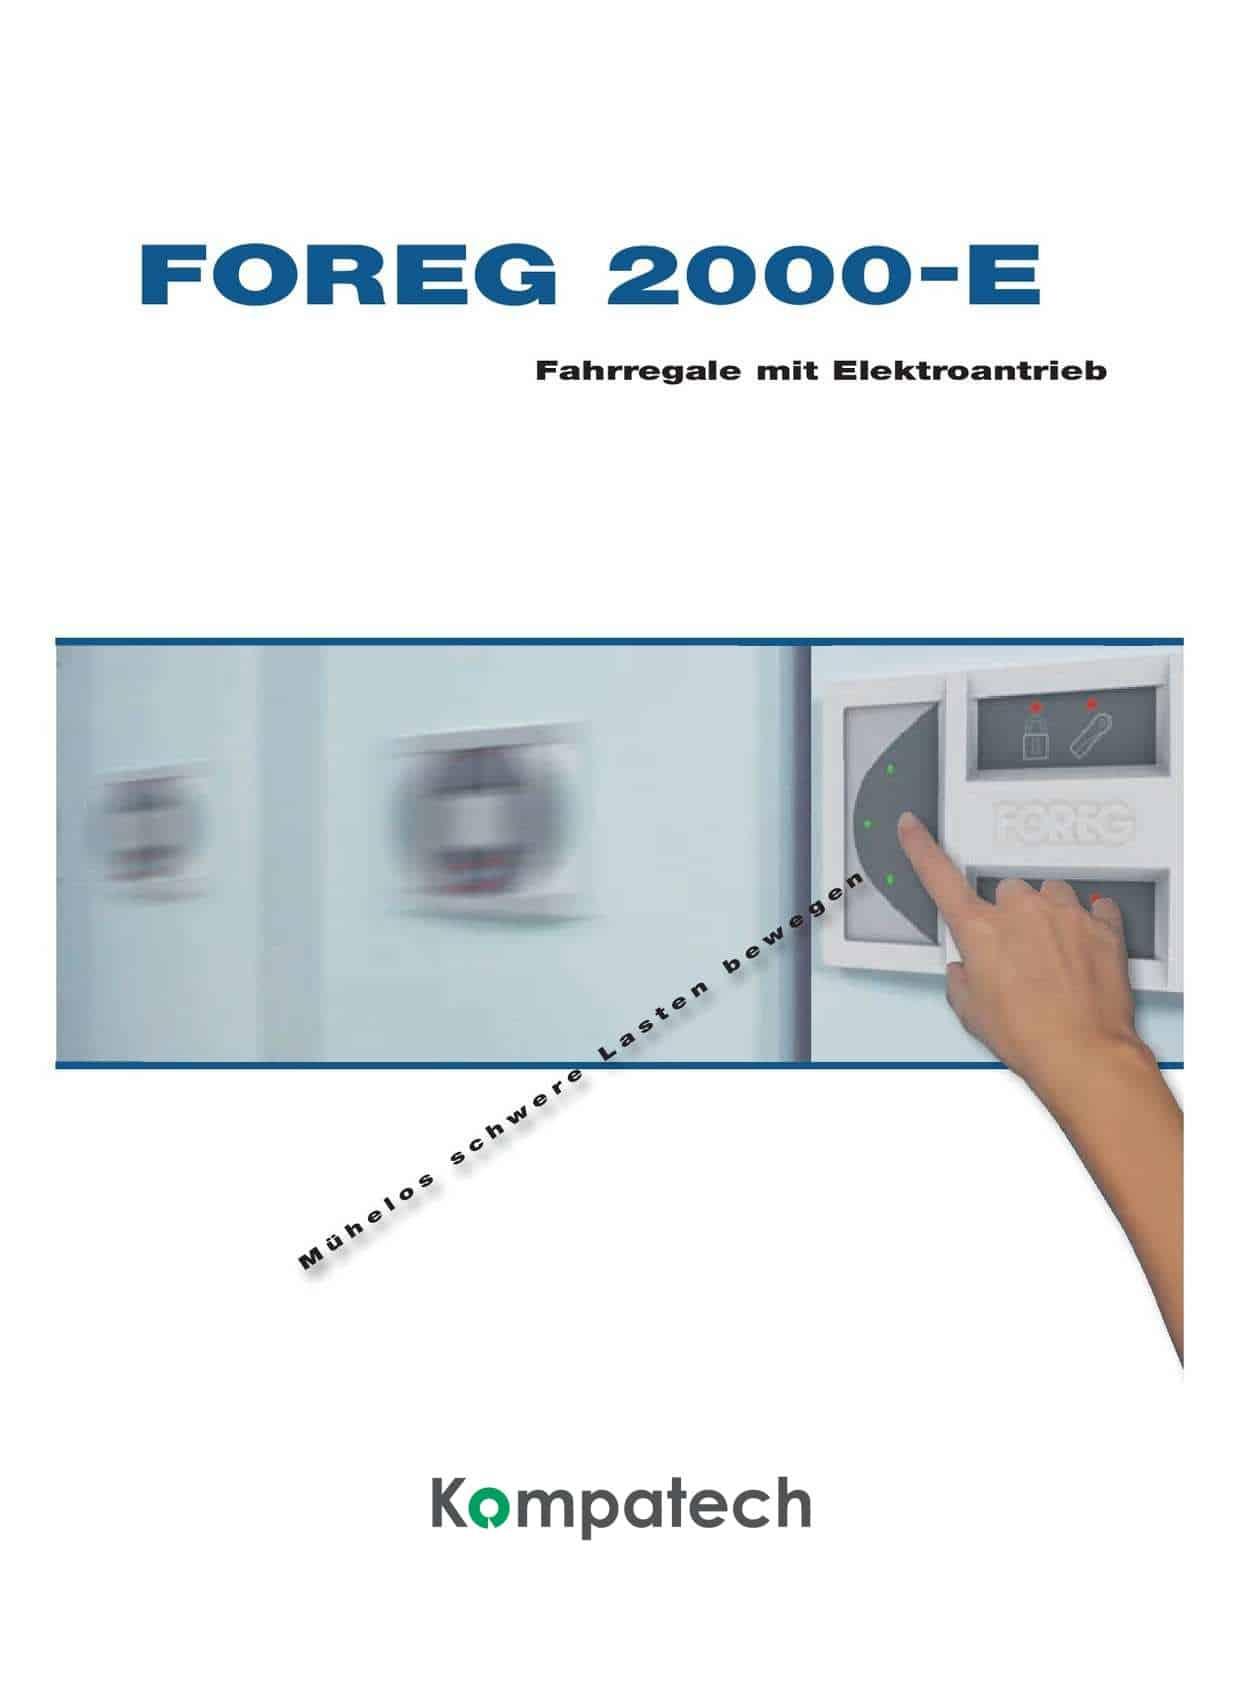 Archiv Rollregal Katalog Foreq 2000E